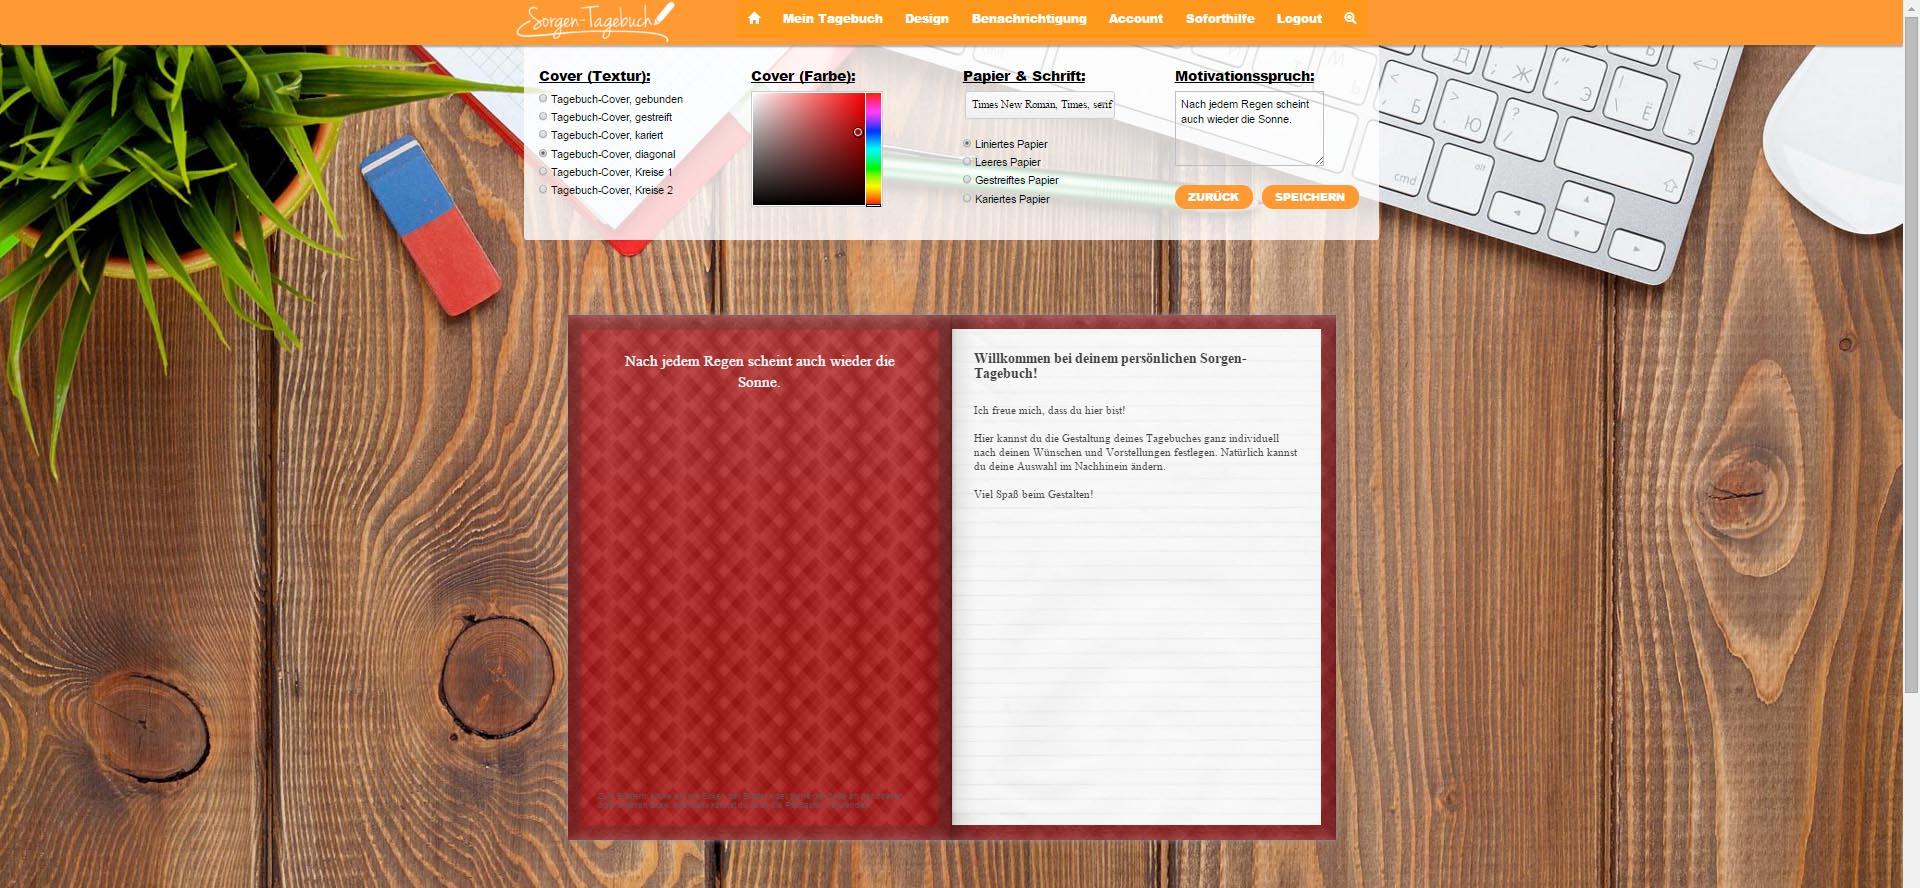 Online Tagebuch Kostenlos Geheim